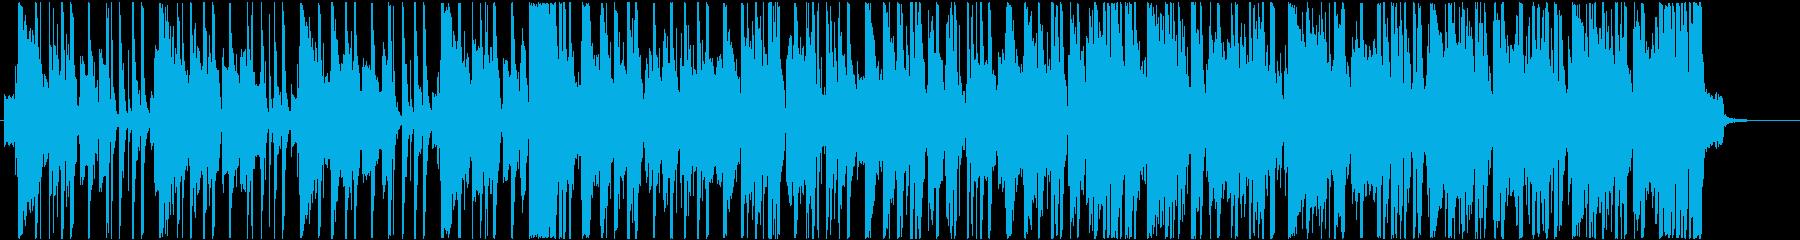 フル生演奏!オールドスクールなファンク!の再生済みの波形